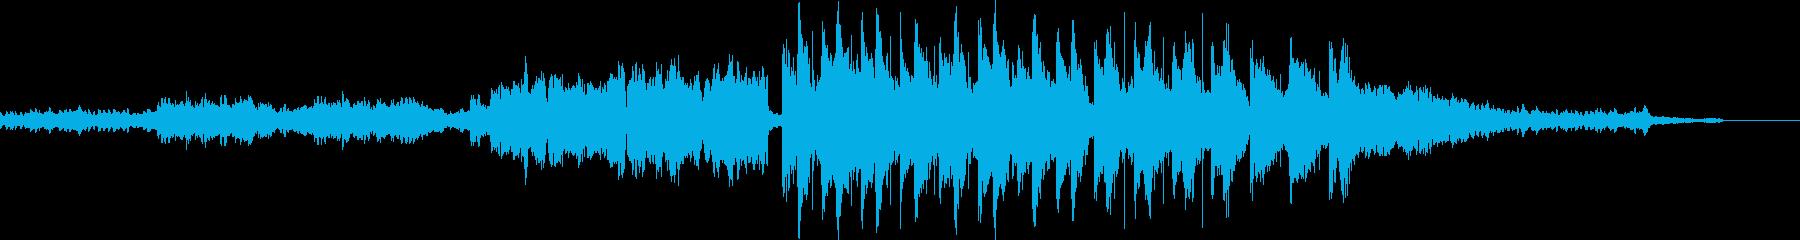 箏や和太鼓を使った和風の楽曲の再生済みの波形